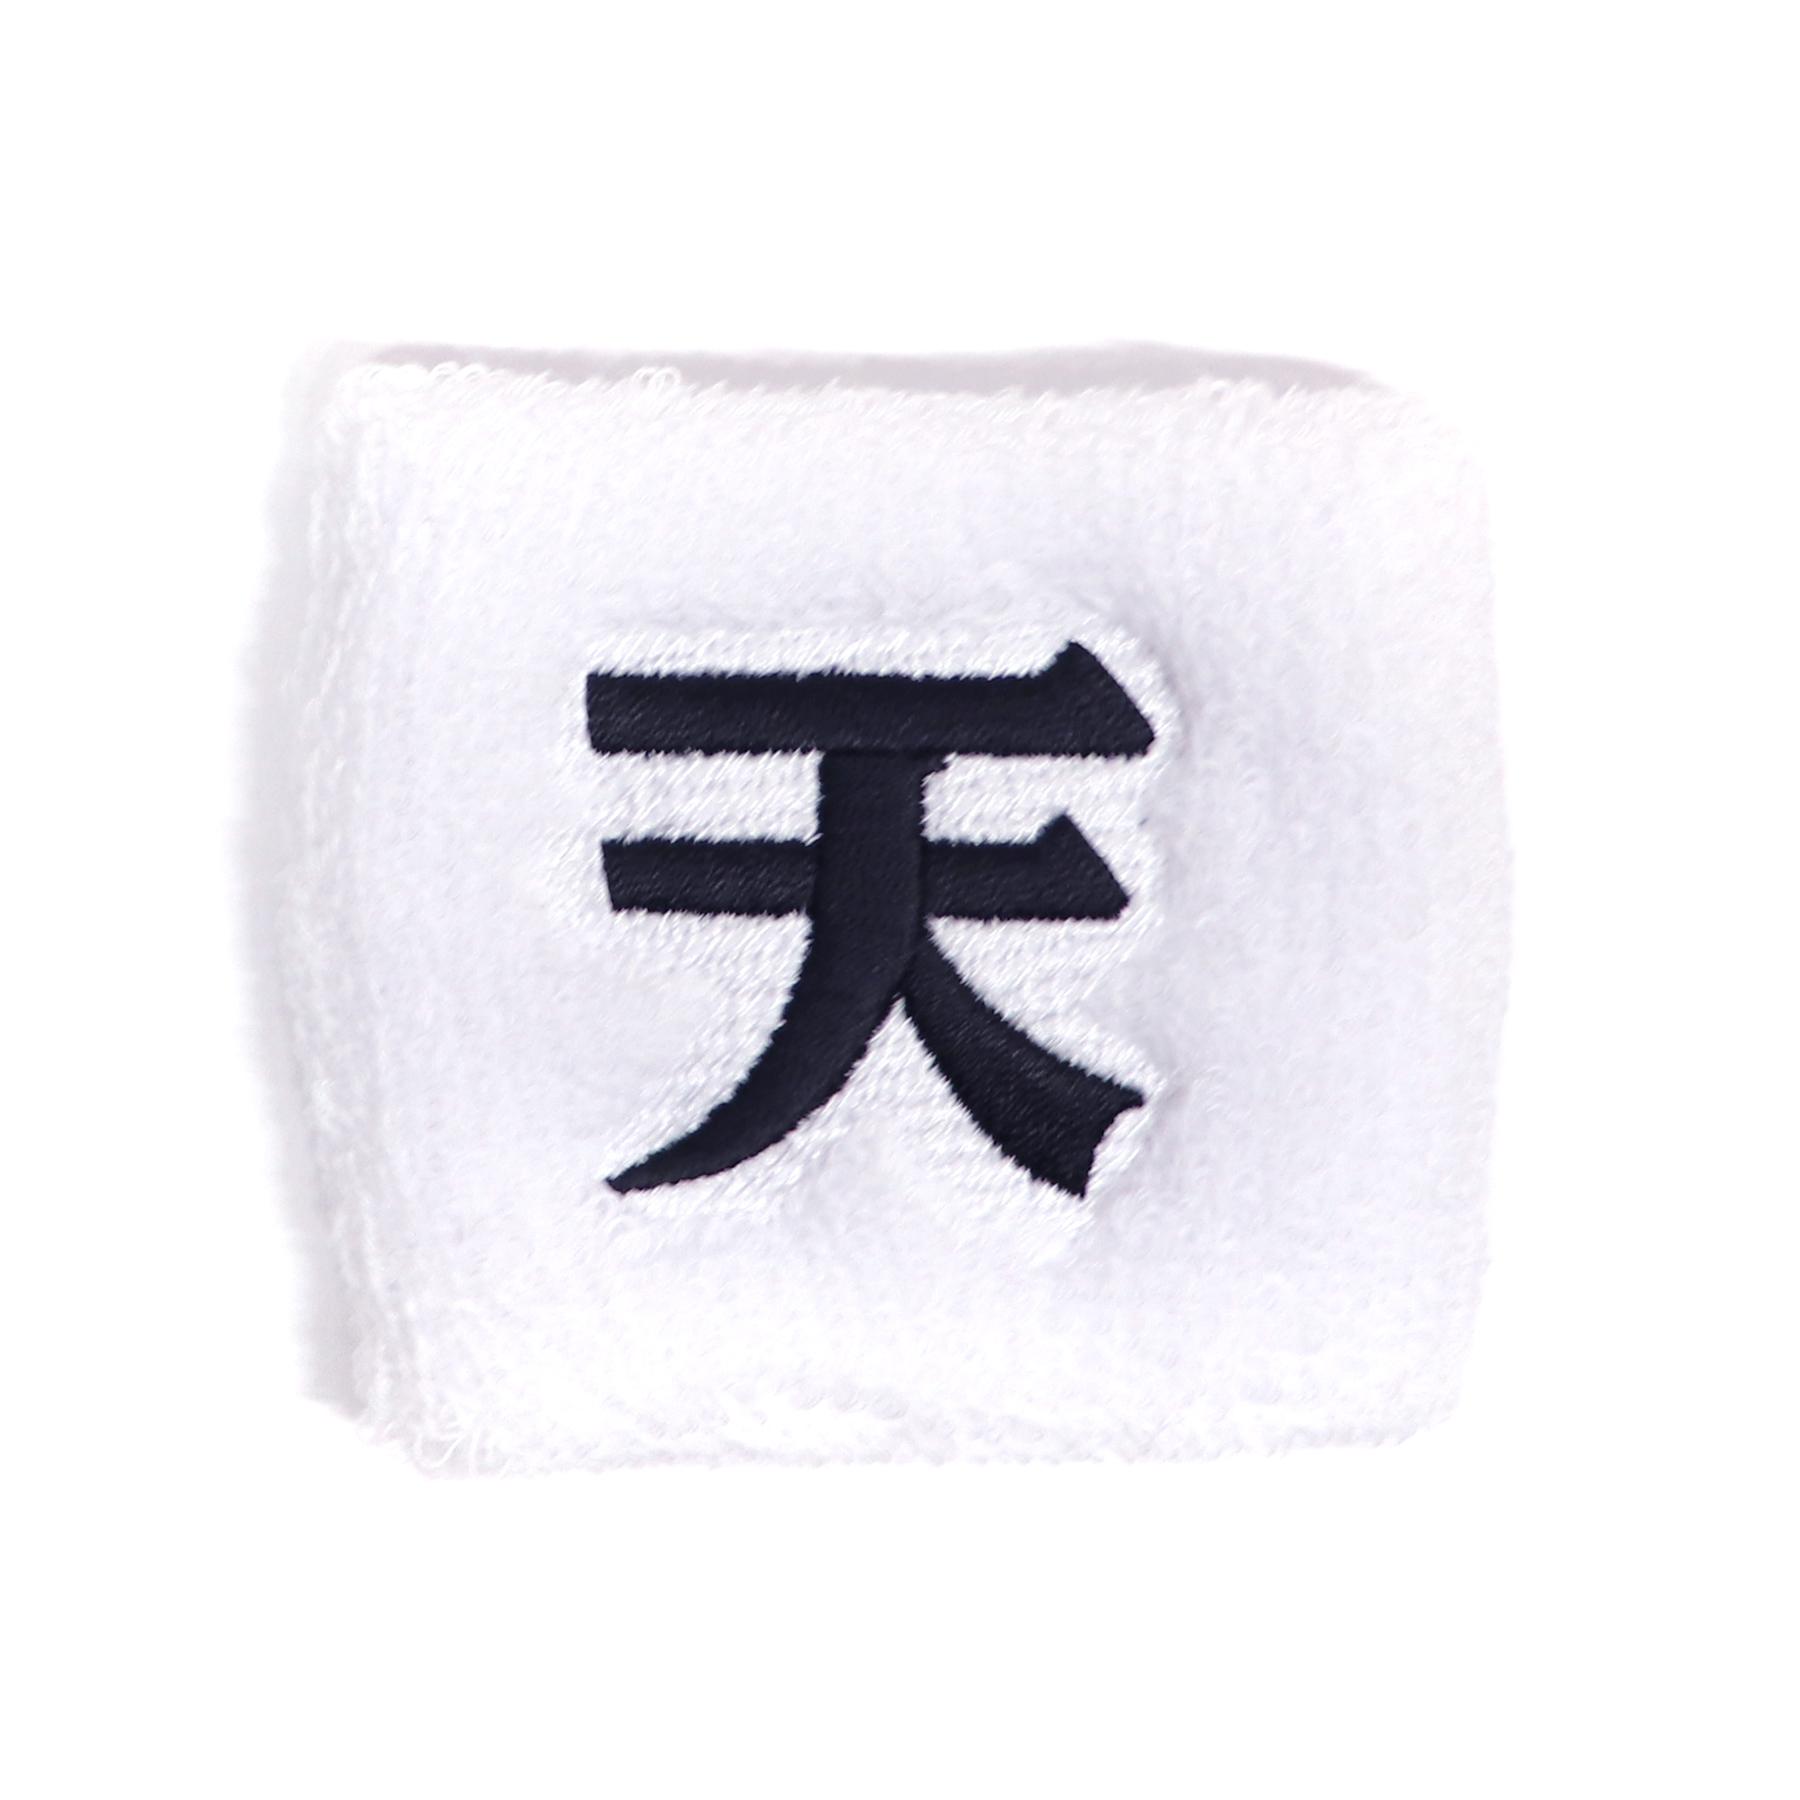 【17344】フォント刺繍/M1-1 白/Fサイズ